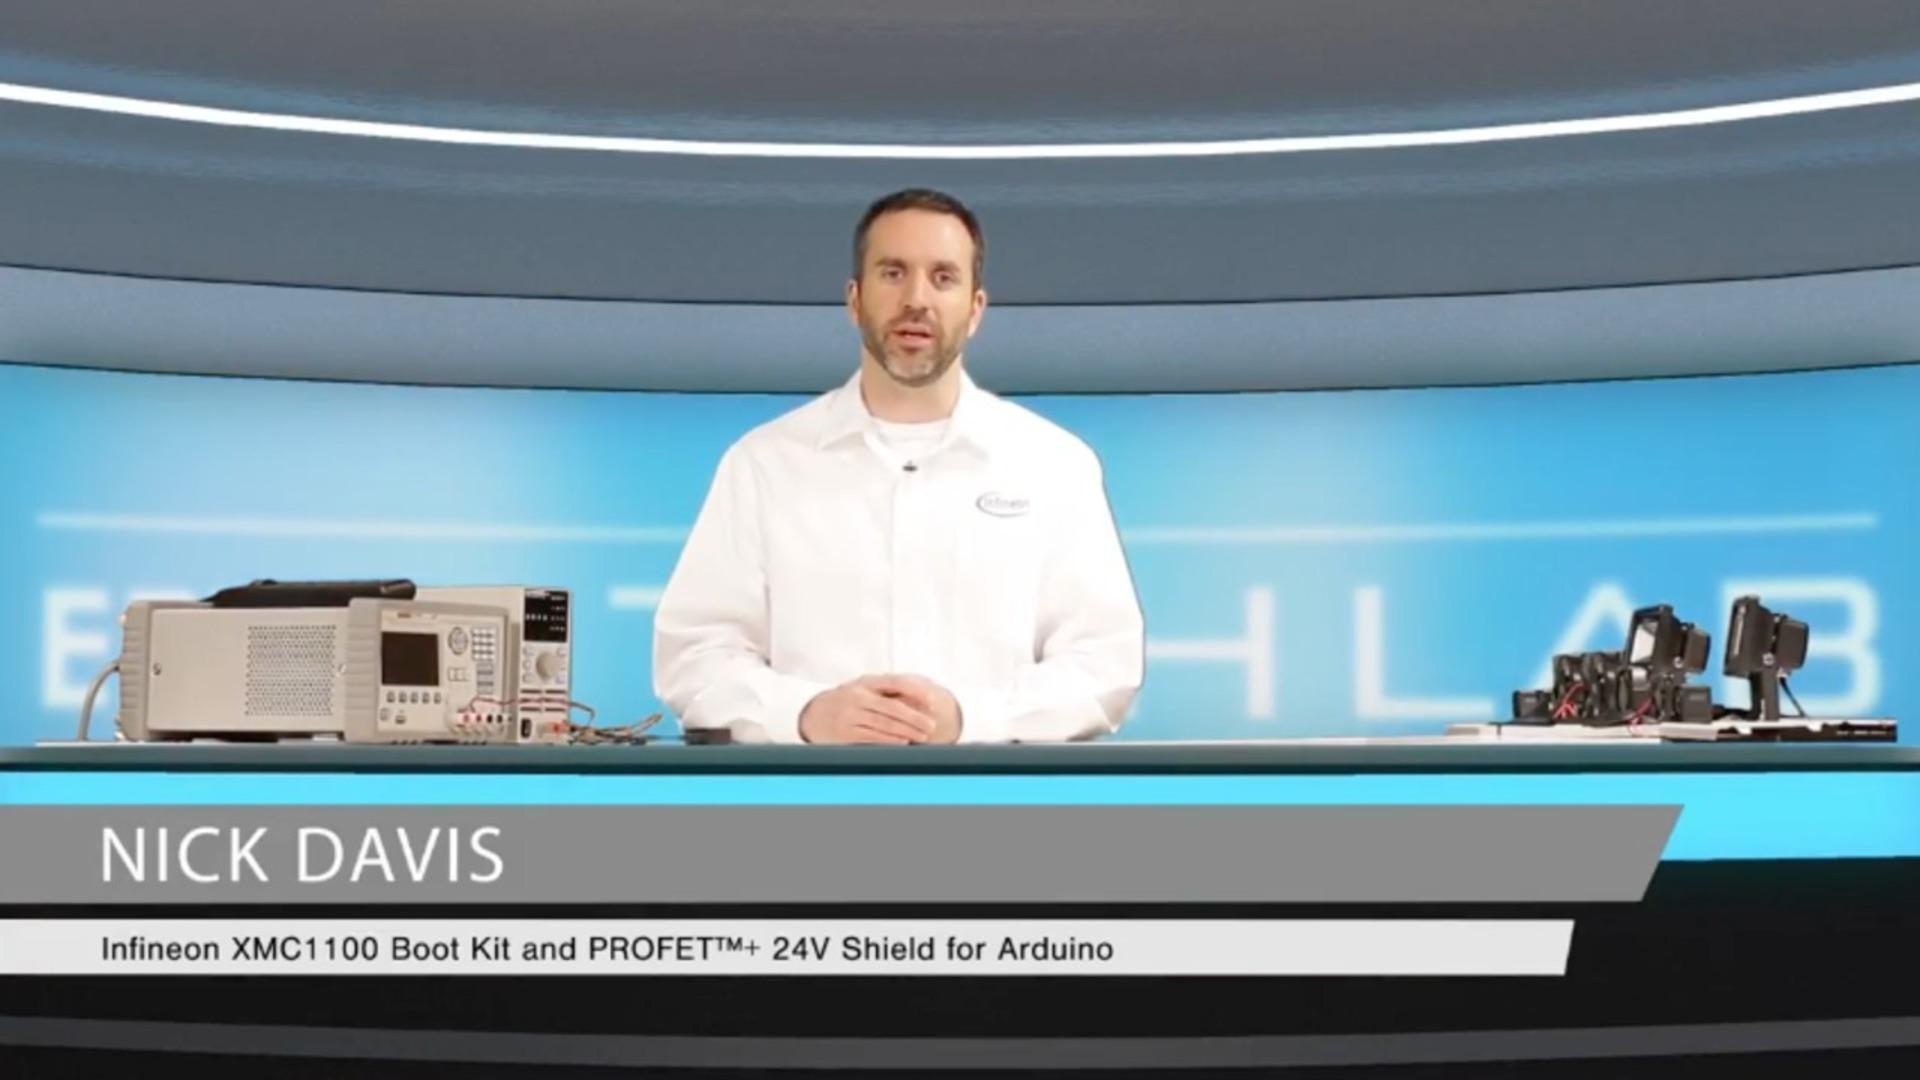 インフィニオンXMC1100ブートキットおよびPROFET™+ 24V Arduino対応シールド – パート2